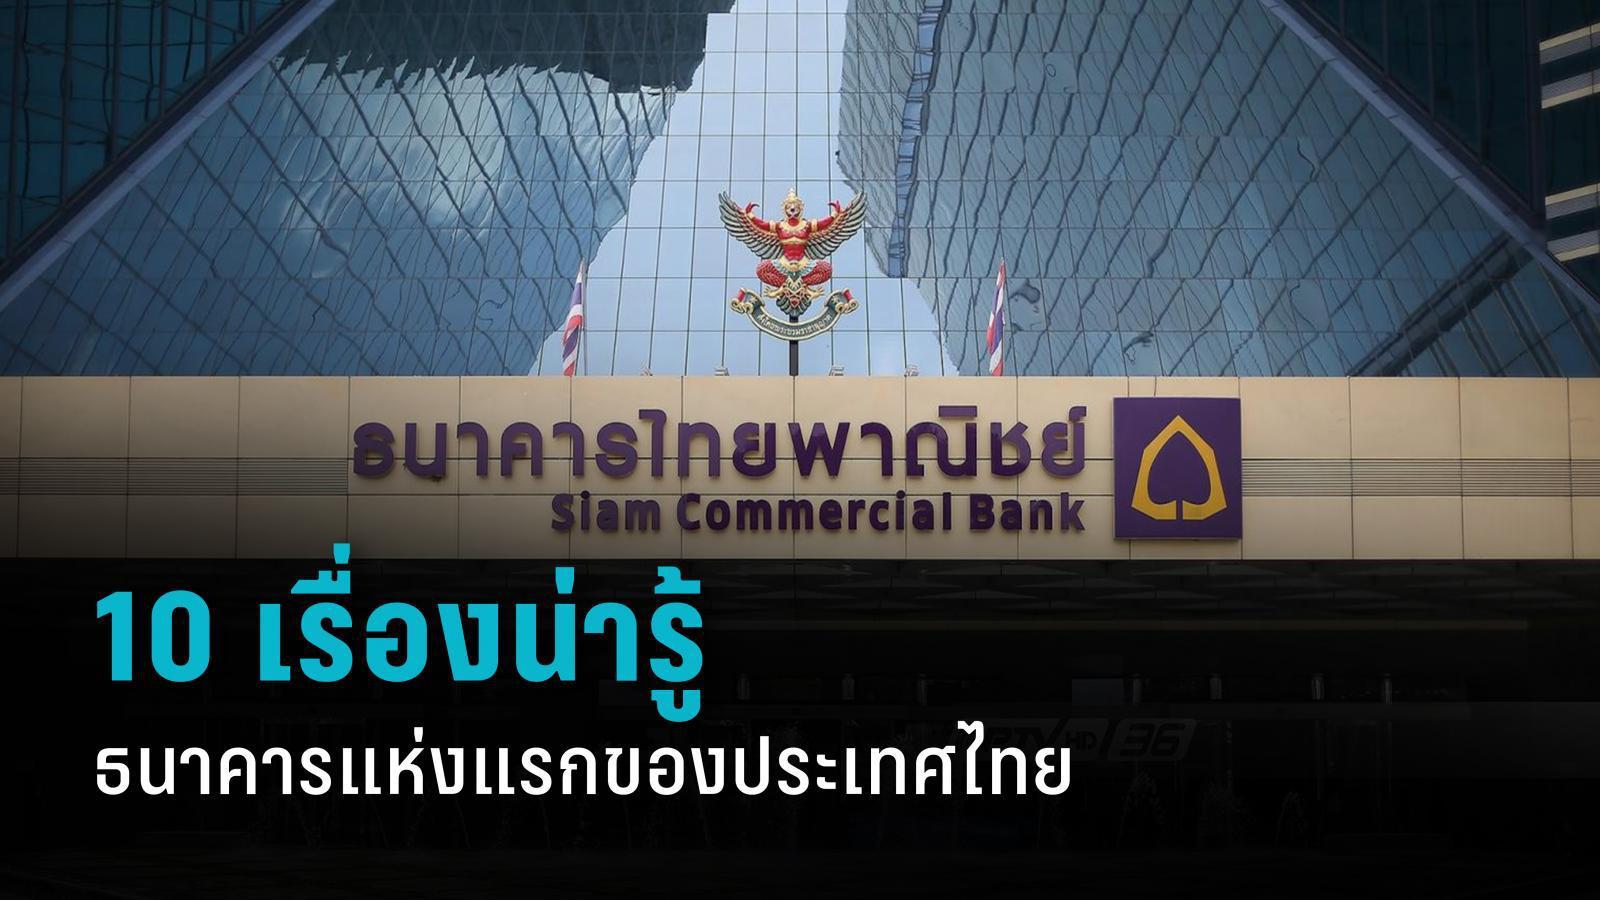 """10 เรื่องน่ารู้  """"ธนาคารไทยพาณิชย์ (SCB) """" ธนาคารแห่งแรกของประเทศไทย"""